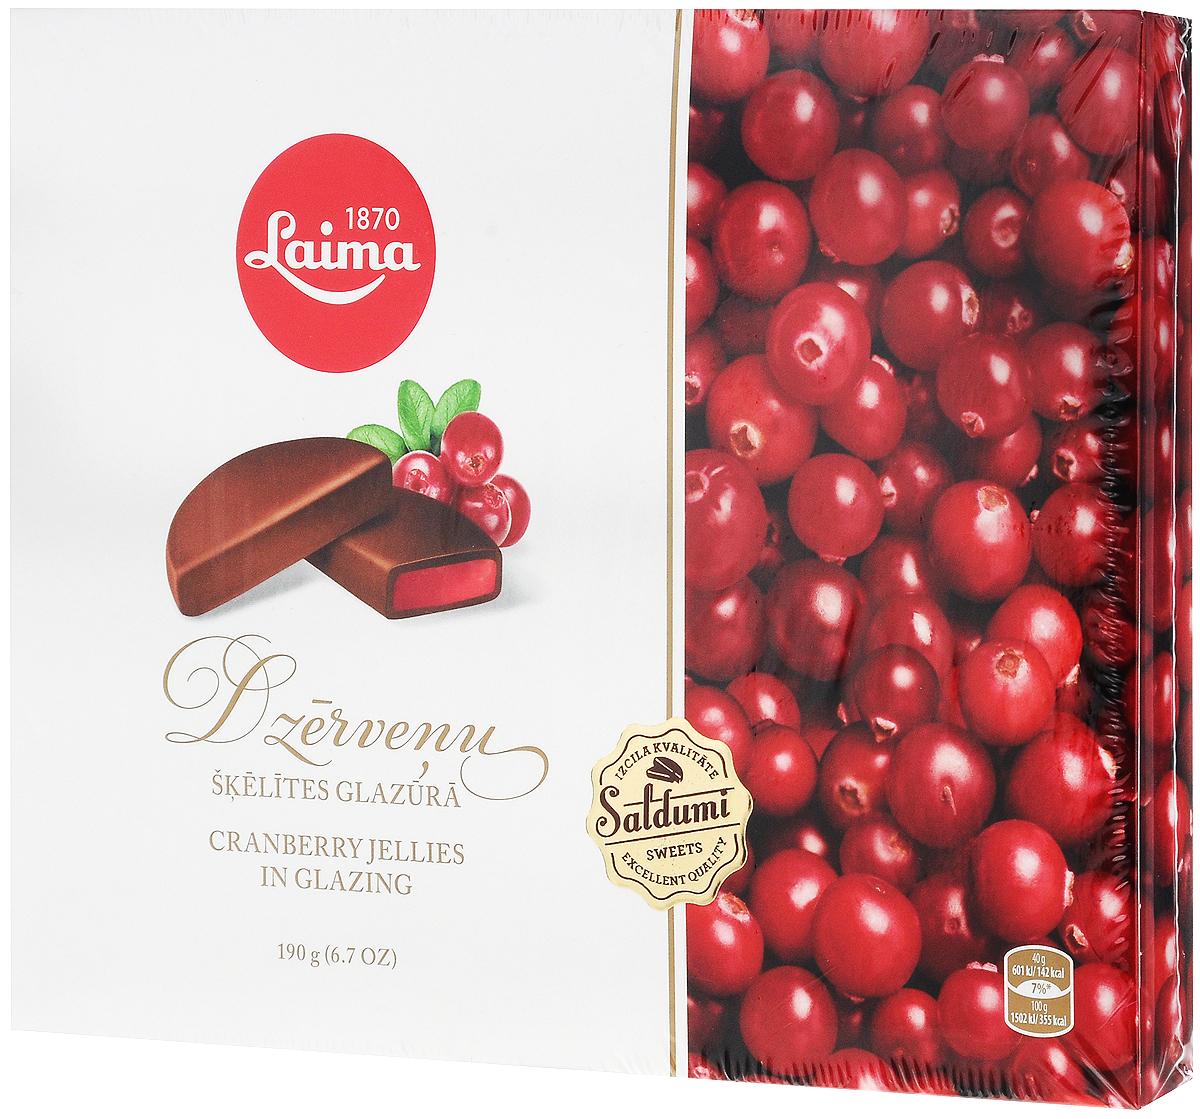 Laima Клюквенные дольки в глазури мармелад в шоколаде, 190 гP220401412Клюквенный мармелад а темном шоколаде в виде долек в подарочном оформлении.Уважаемые клиенты! Обращаем ваше внимание на то, что упаковка может иметь несколько видов дизайна. Поставка осуществляется в зависимости от наличия на складе.